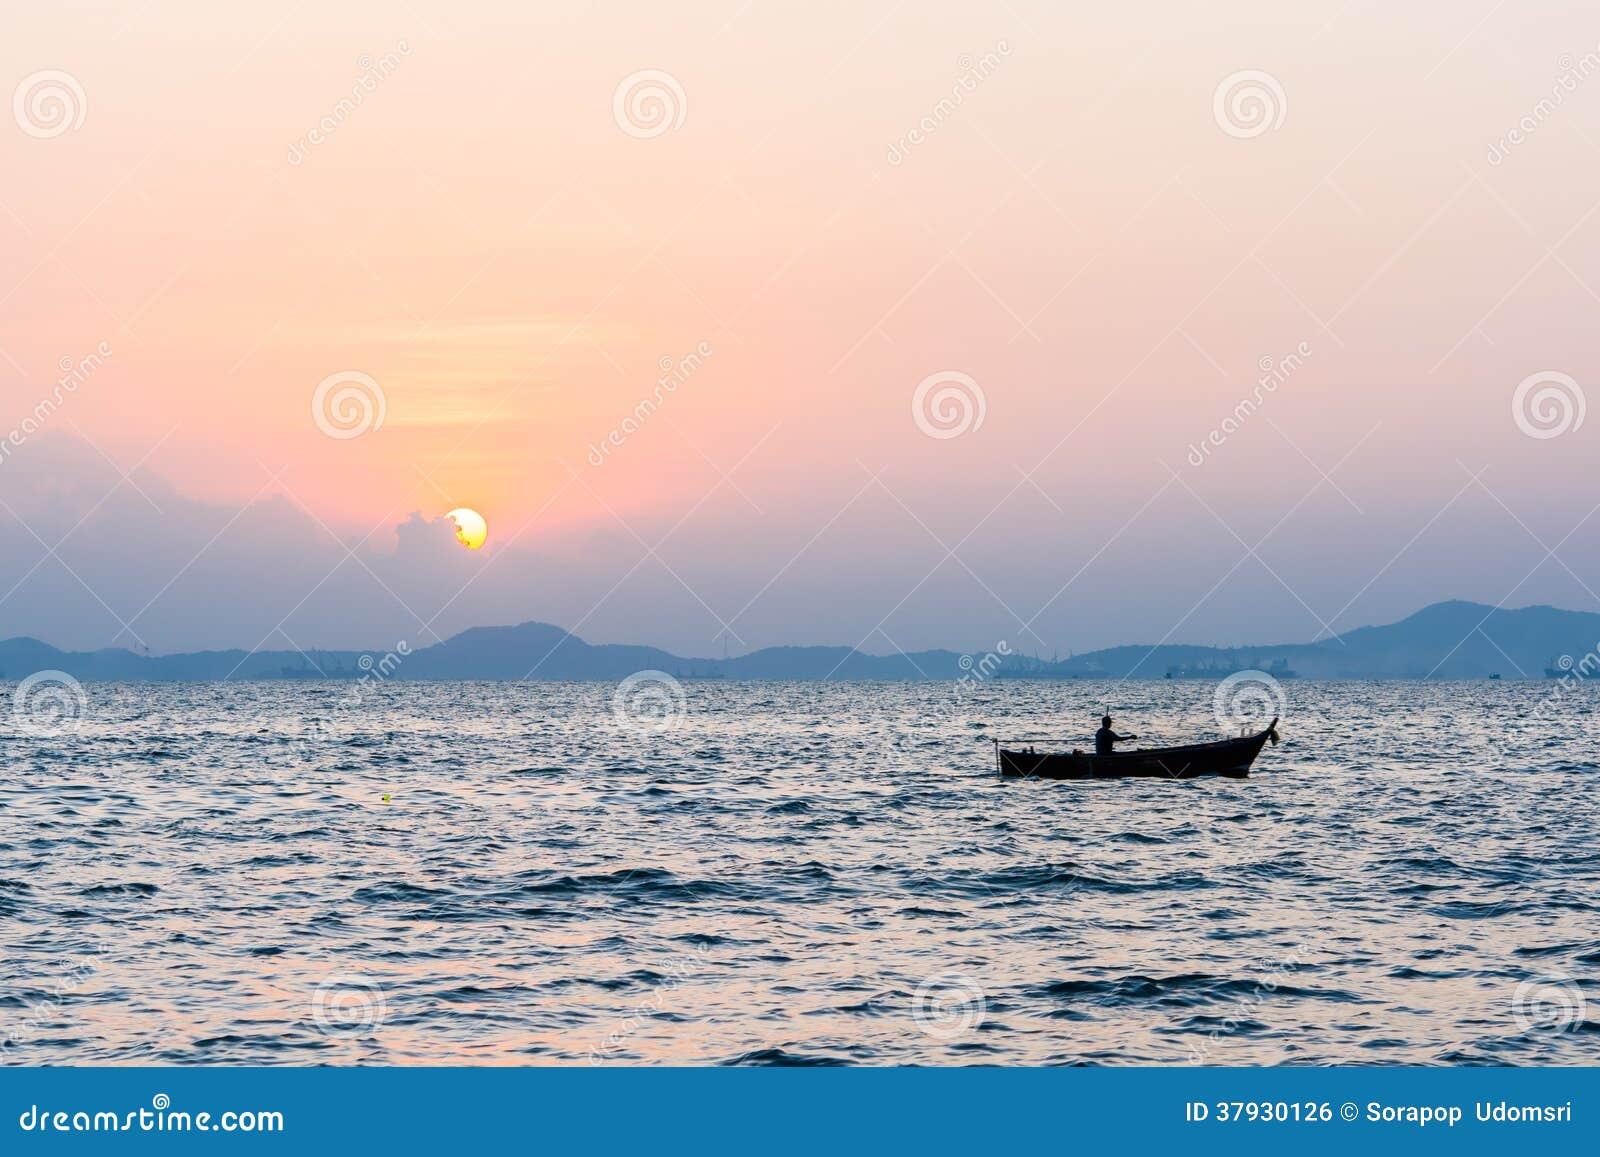 Красивый заход солнца на море